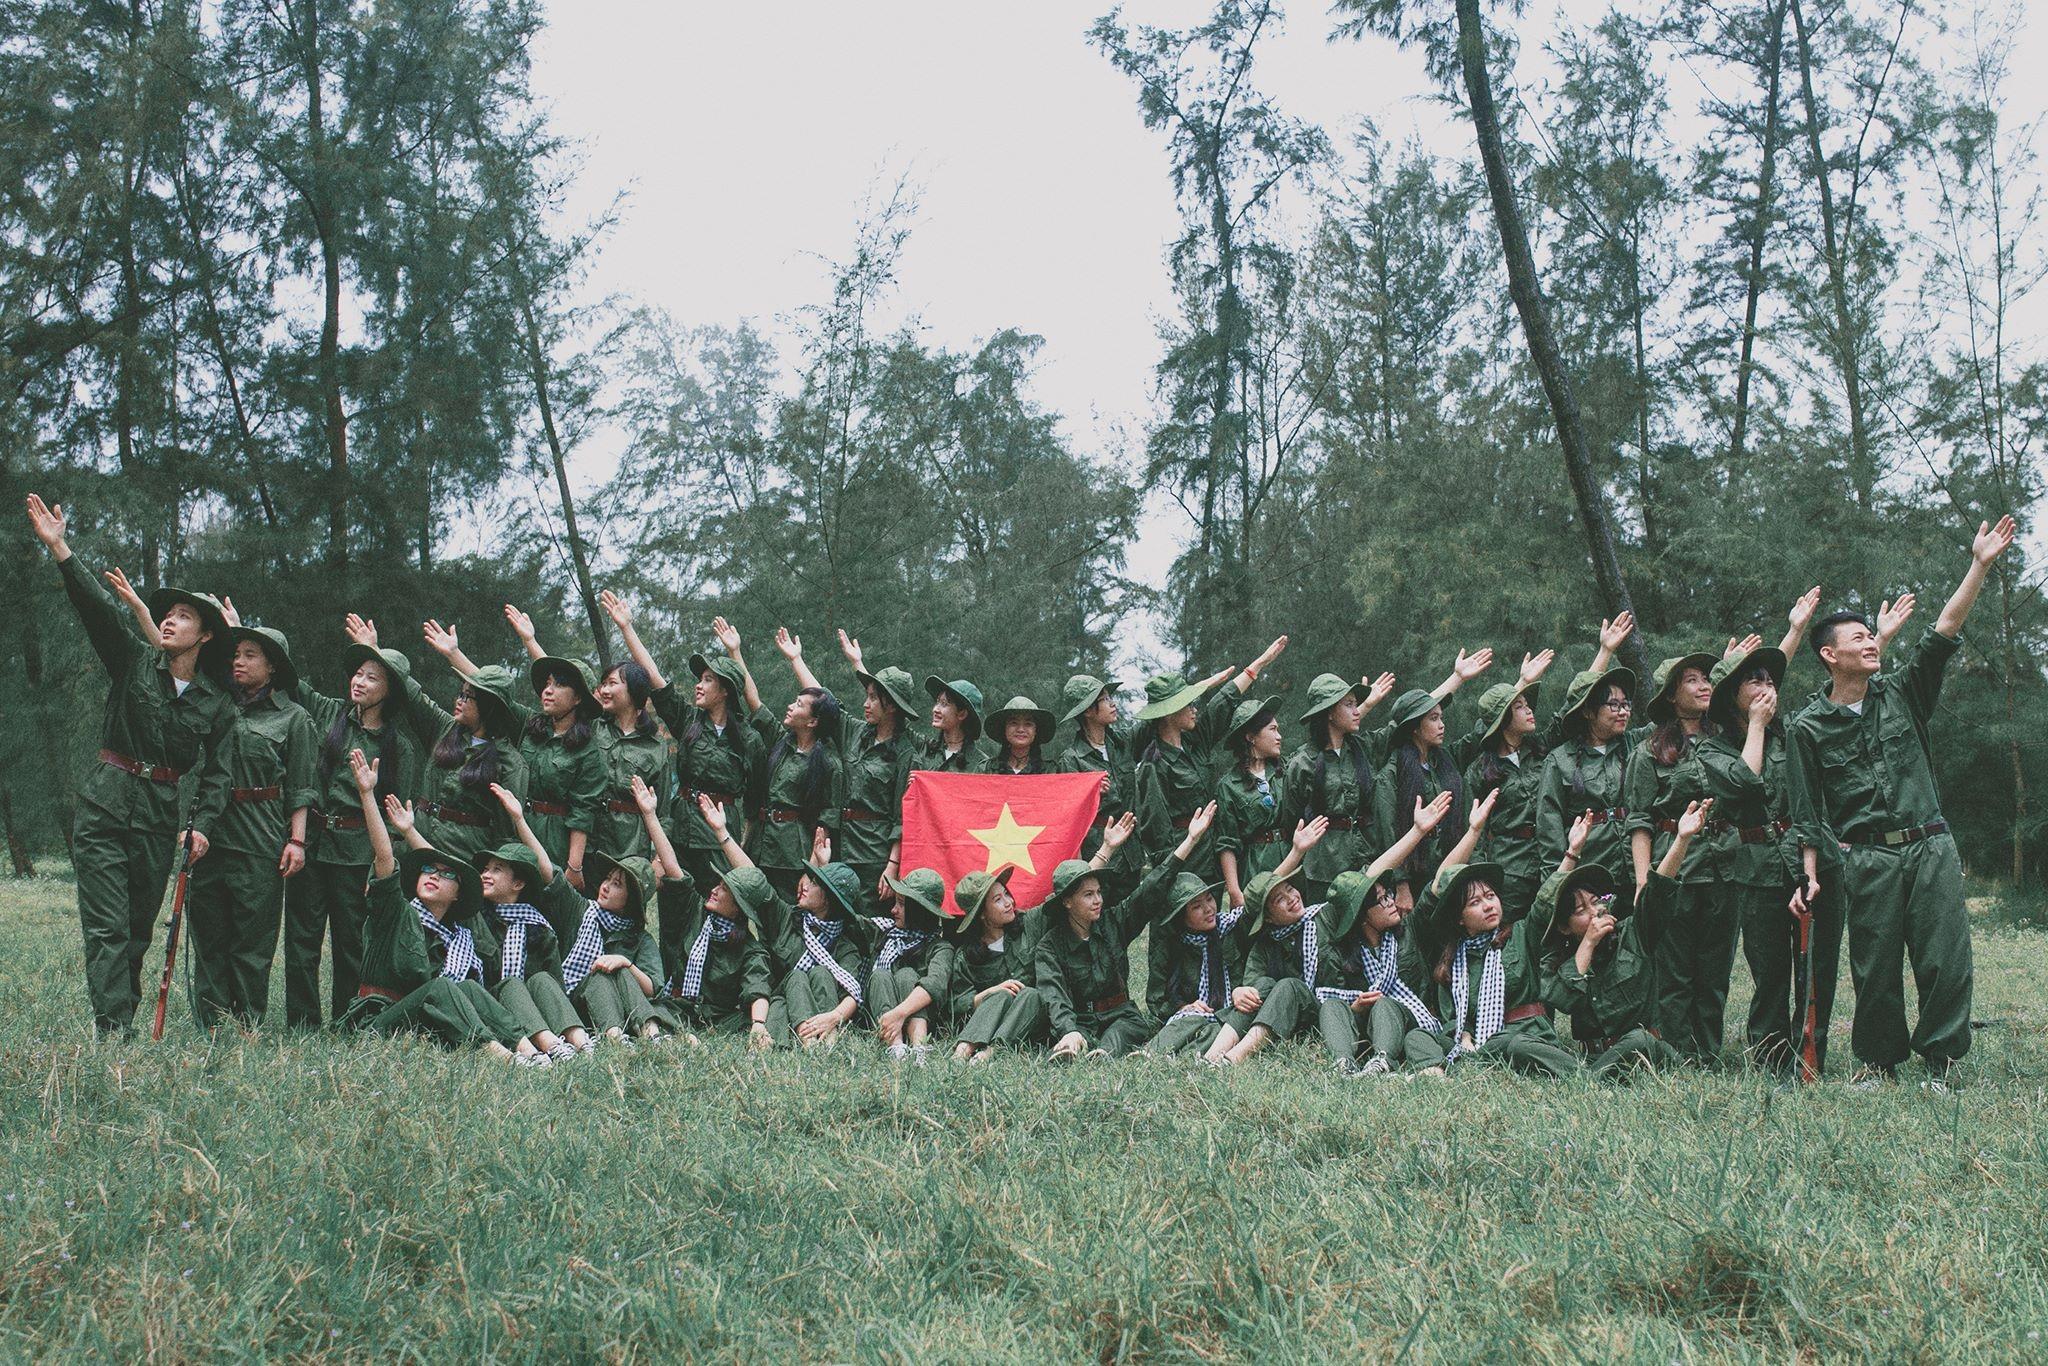 Bộ ảnh được đặt tên Những chiến sĩ thanh niên xung phong vui vẻ do các bạn học sinh lớp 12D1 trường THPT Lê Viết Thuật (TP. Vinh - Nghệ An) lên ý tưởng, thực hiện bởi Flow Motion.